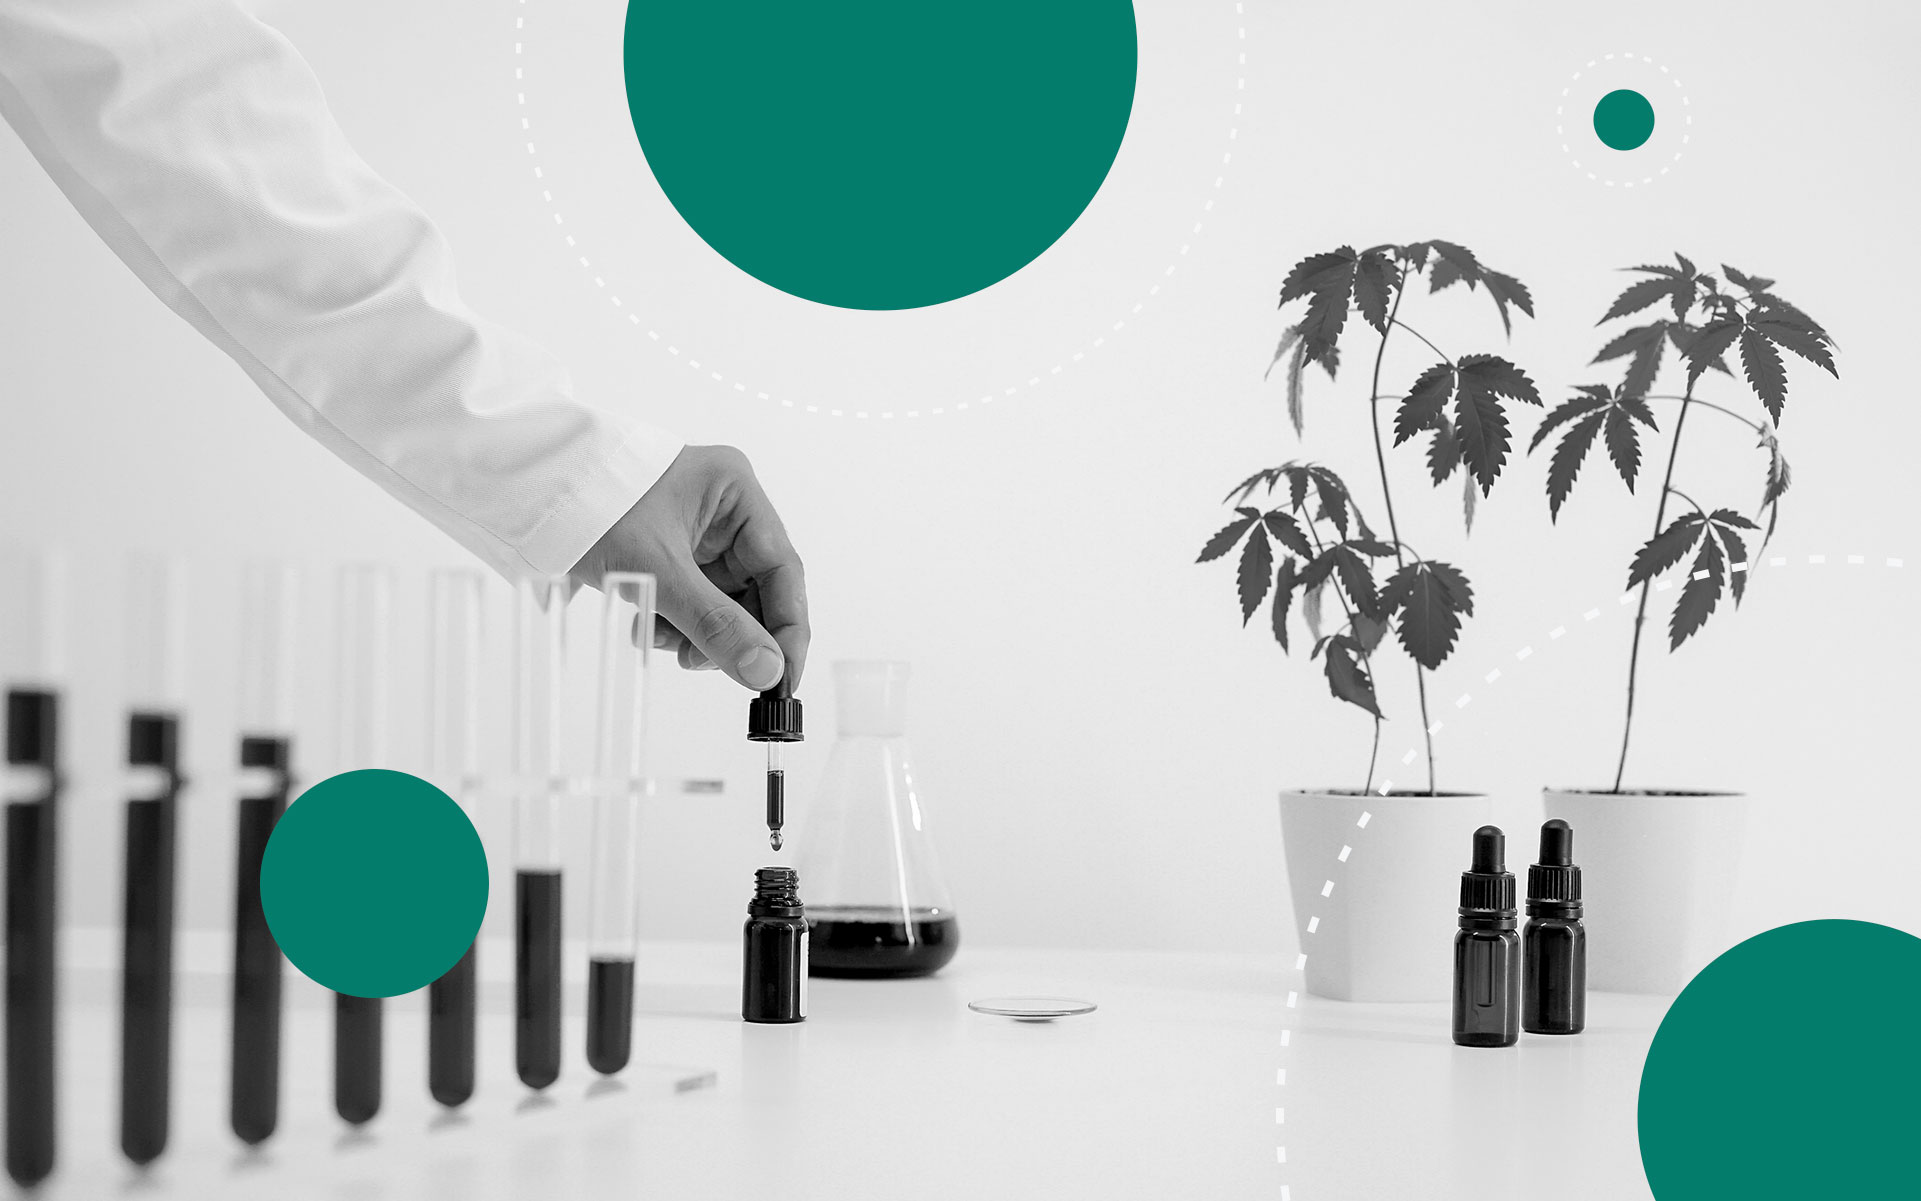 cbd potency, marijuana, lab analysis